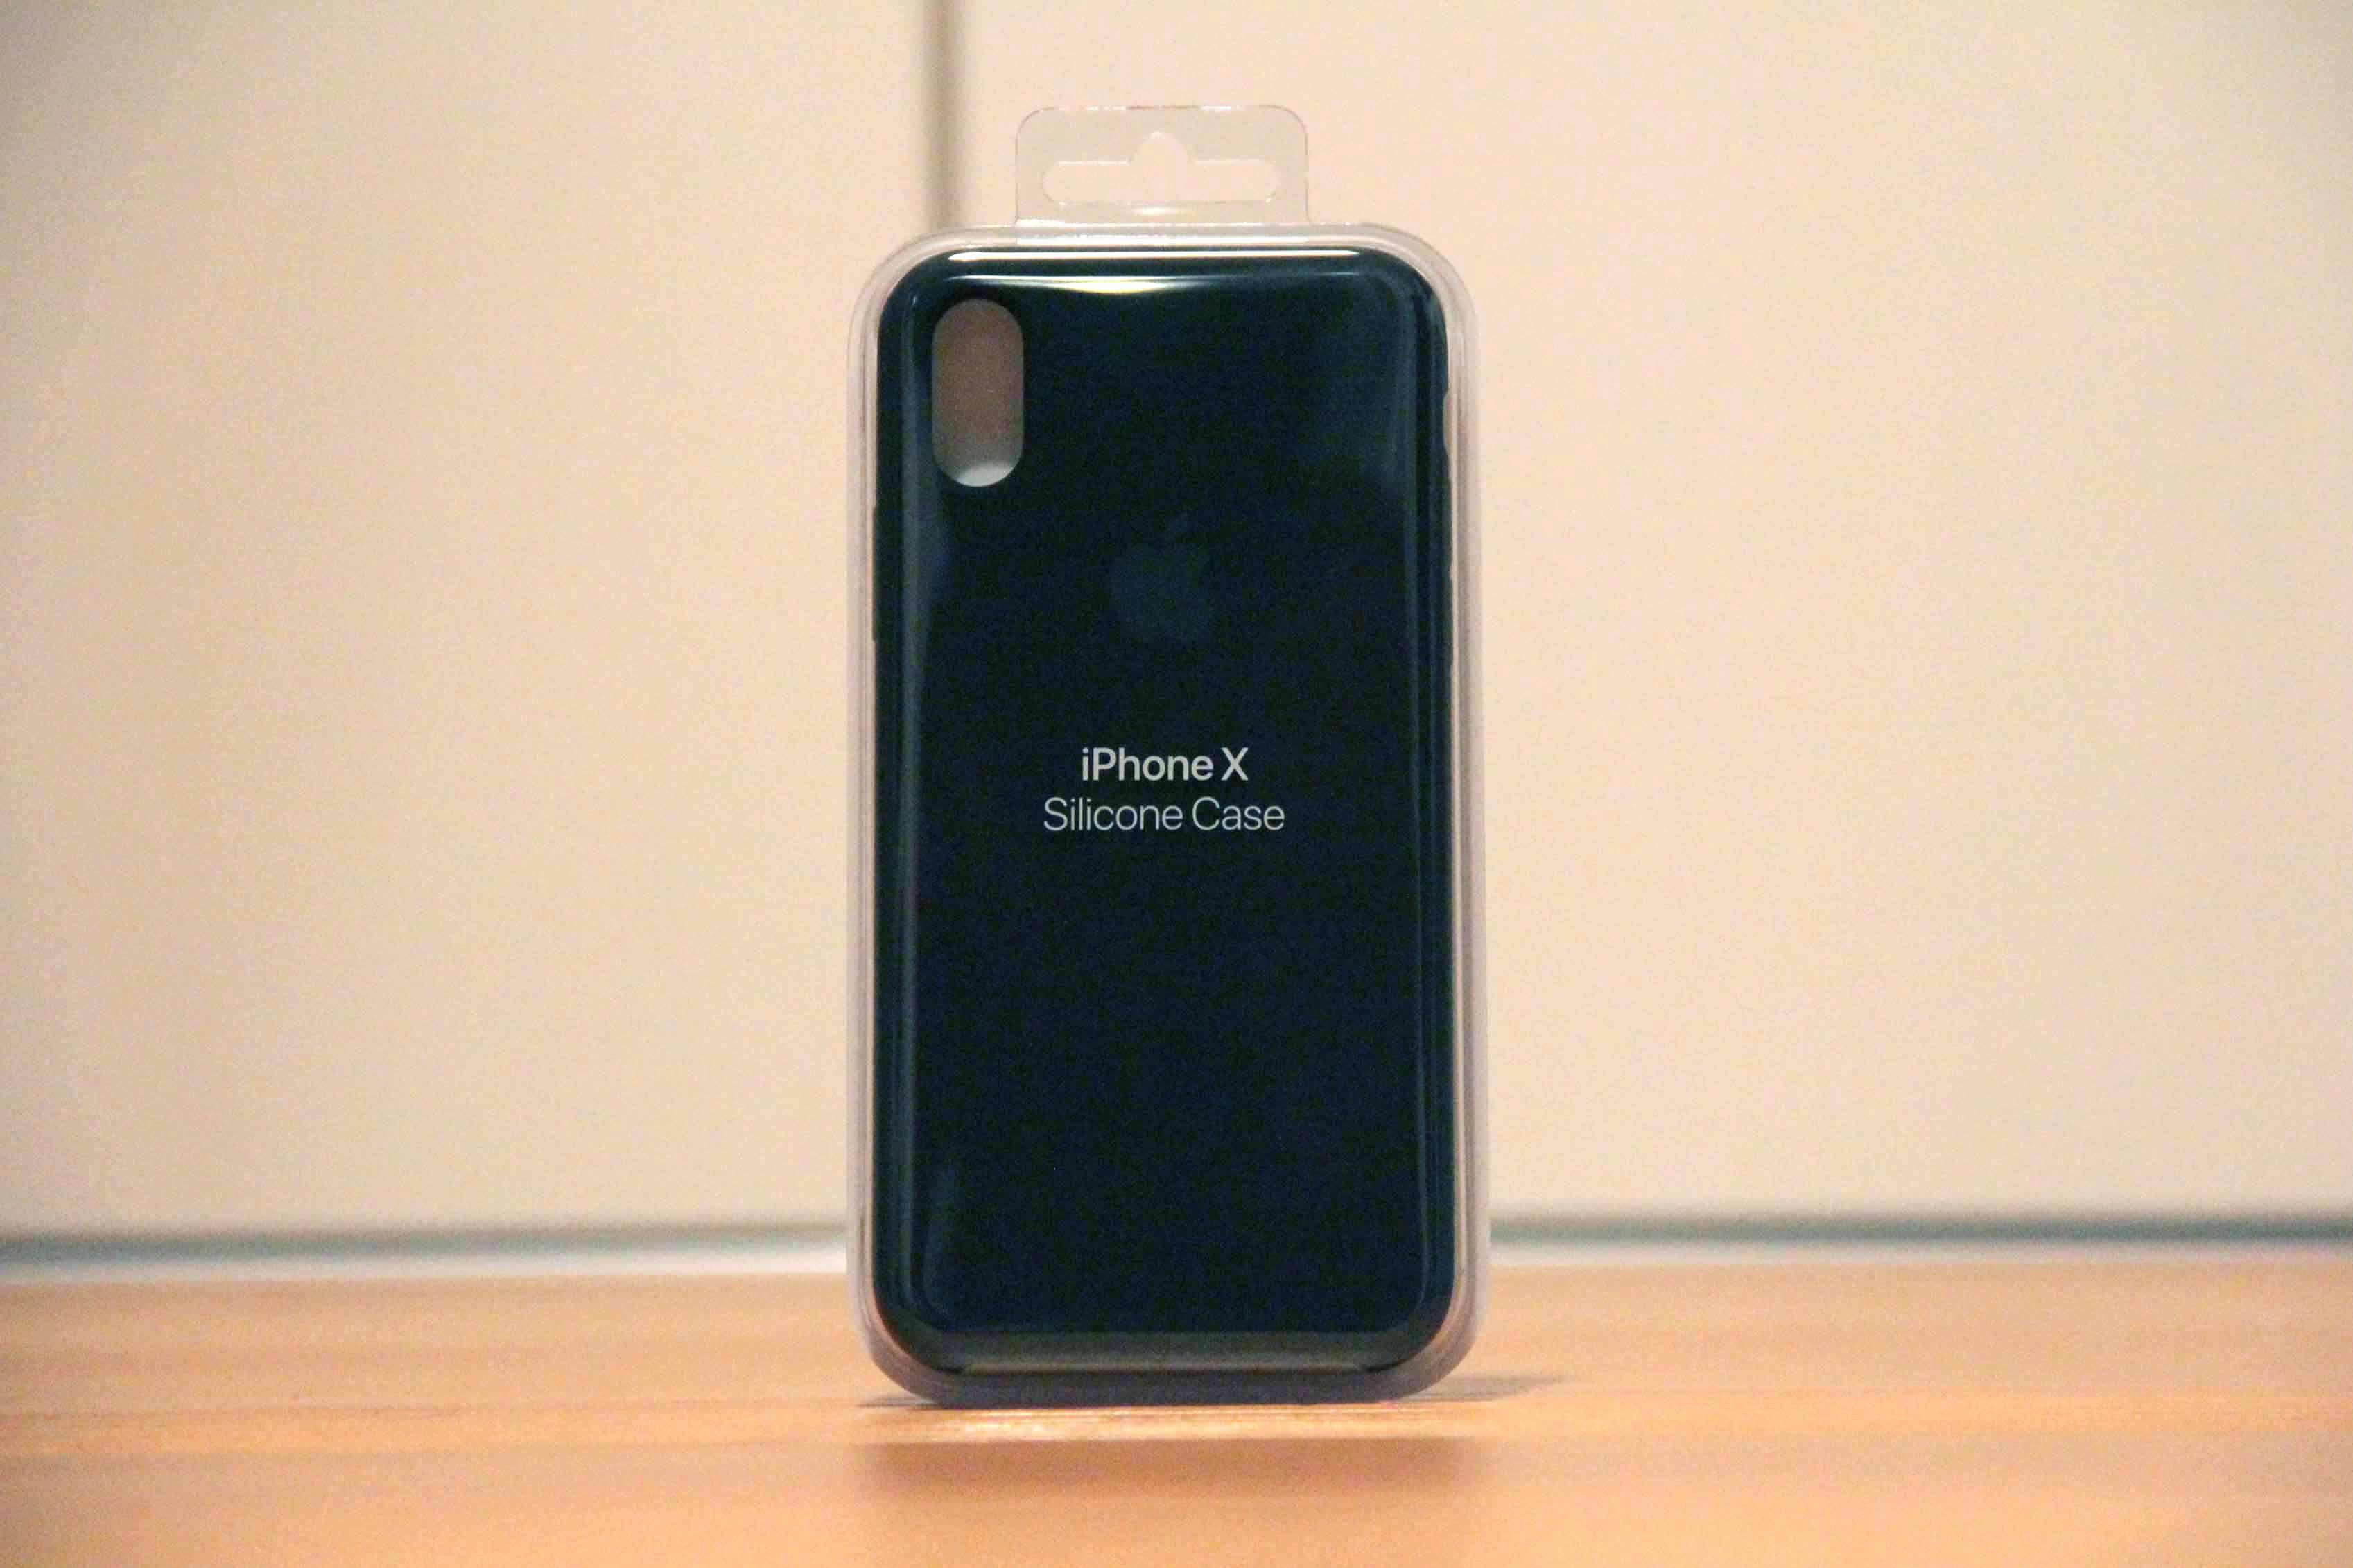 iPhoneXApple純正シリコンケース.①の写真